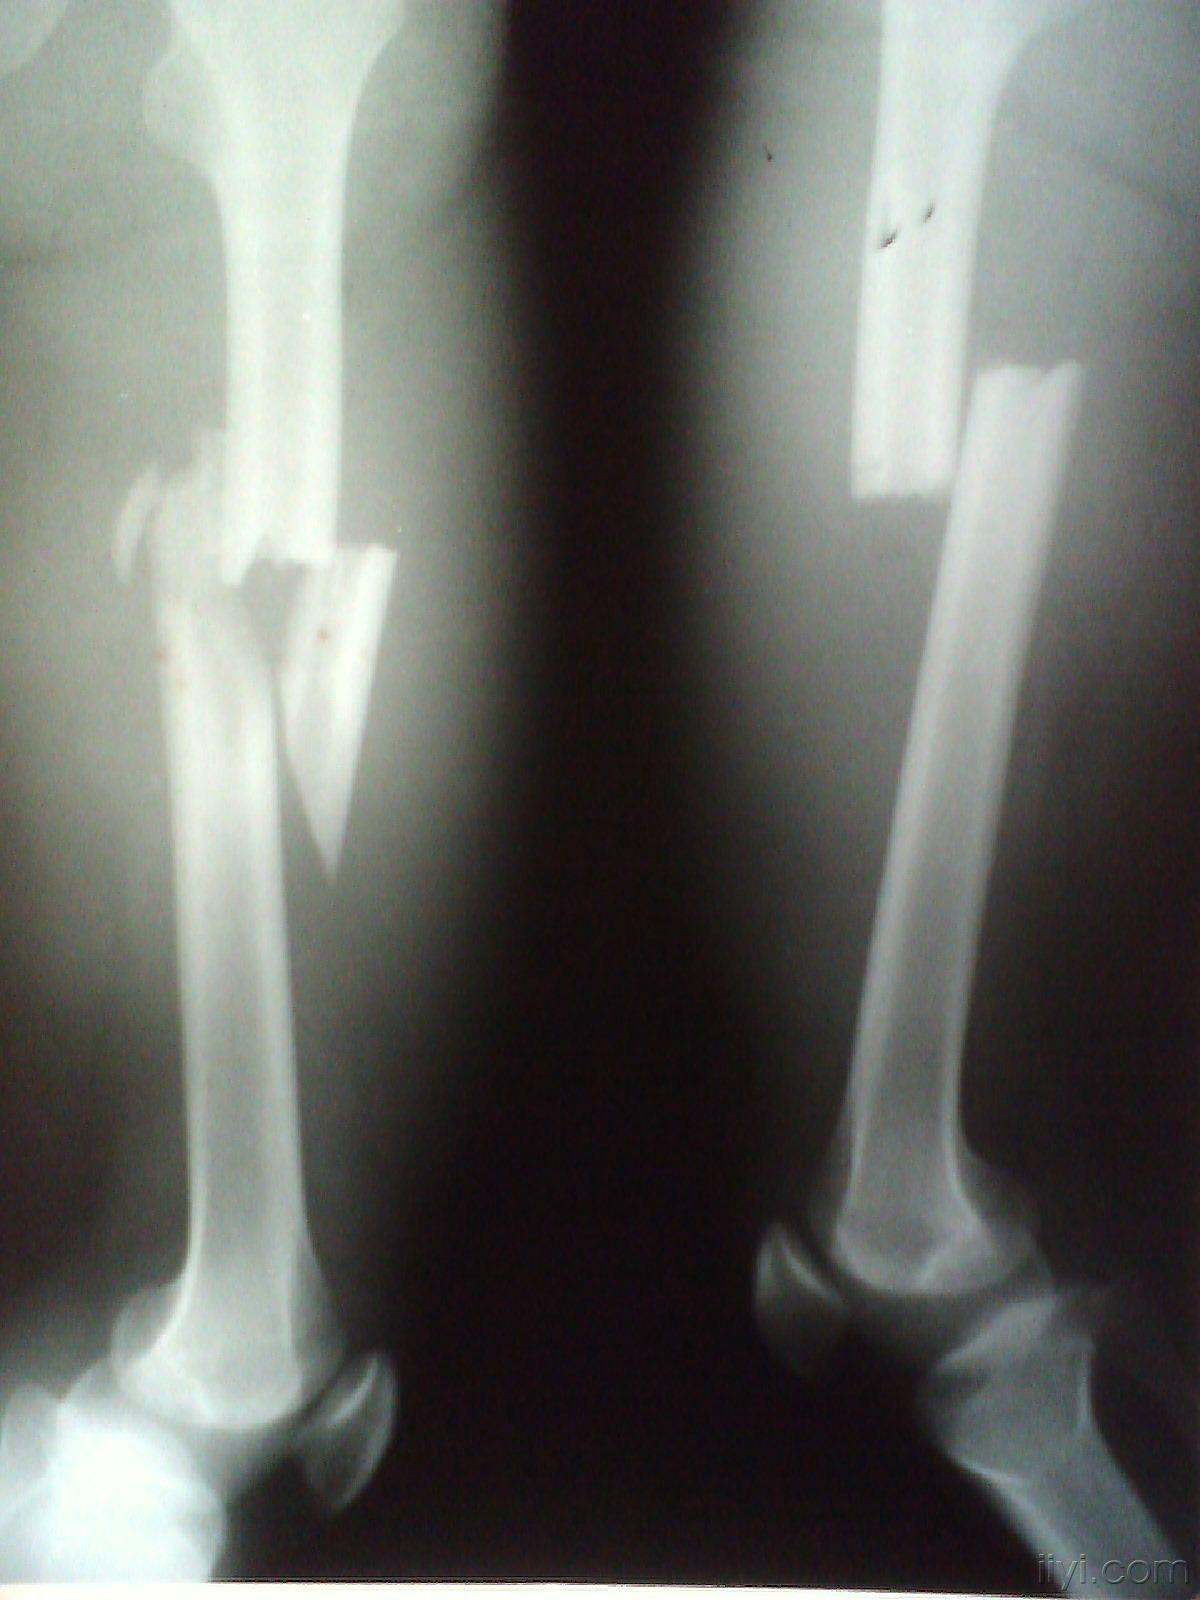 专家论坛|成人股骨干骨折髓内钉治疗需要关注的问题  髓内钉有终生不取的吗